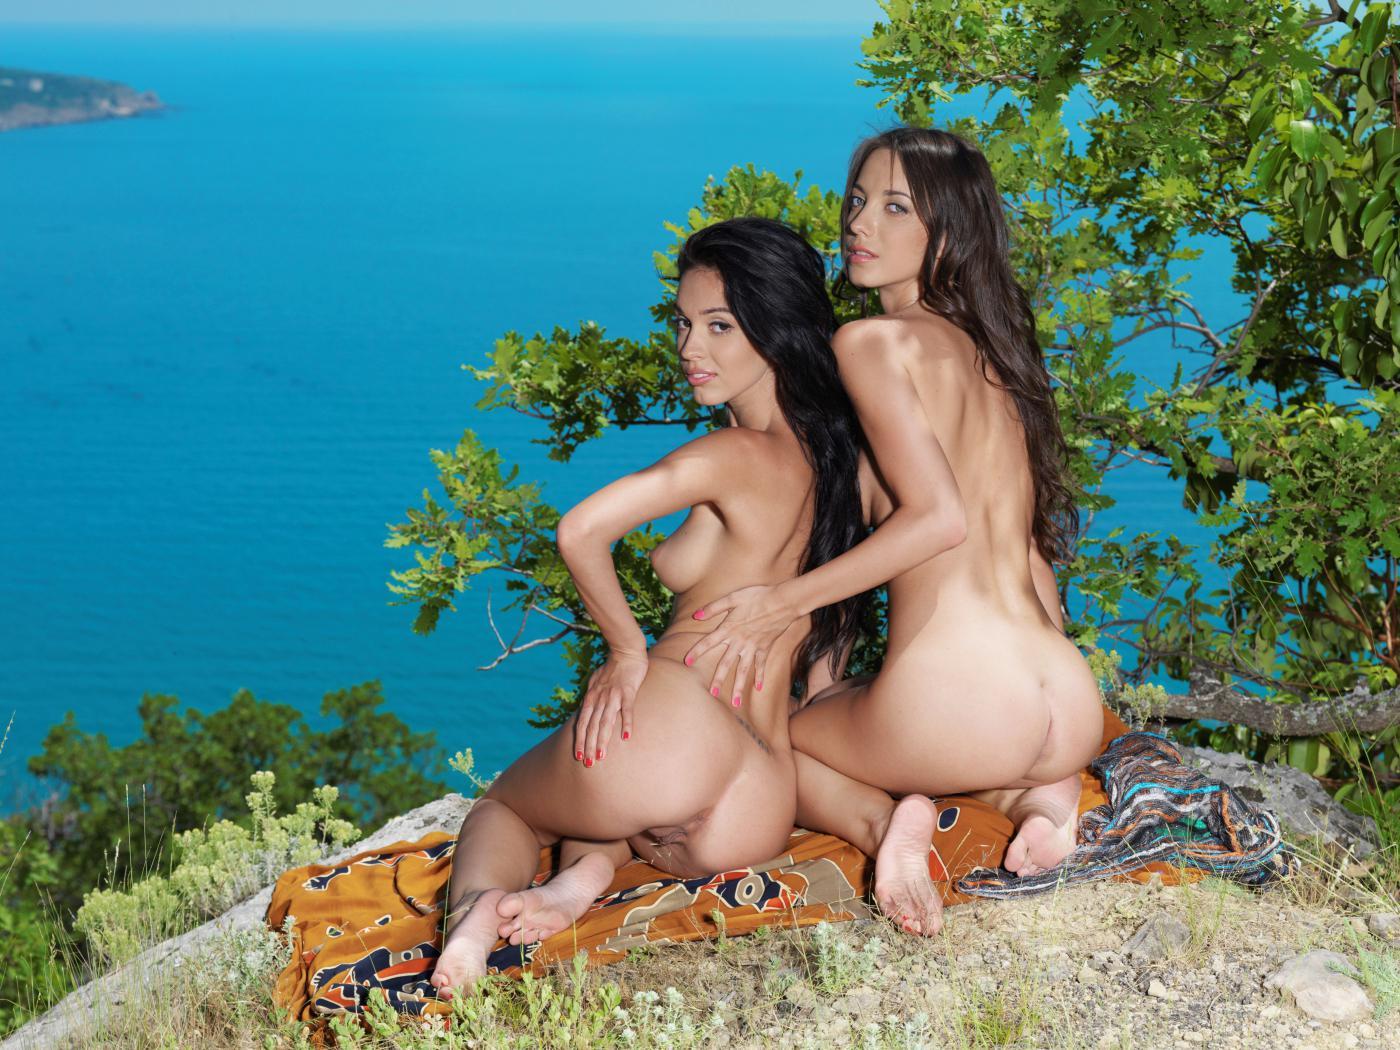 Смотреть целуют голые онлайн